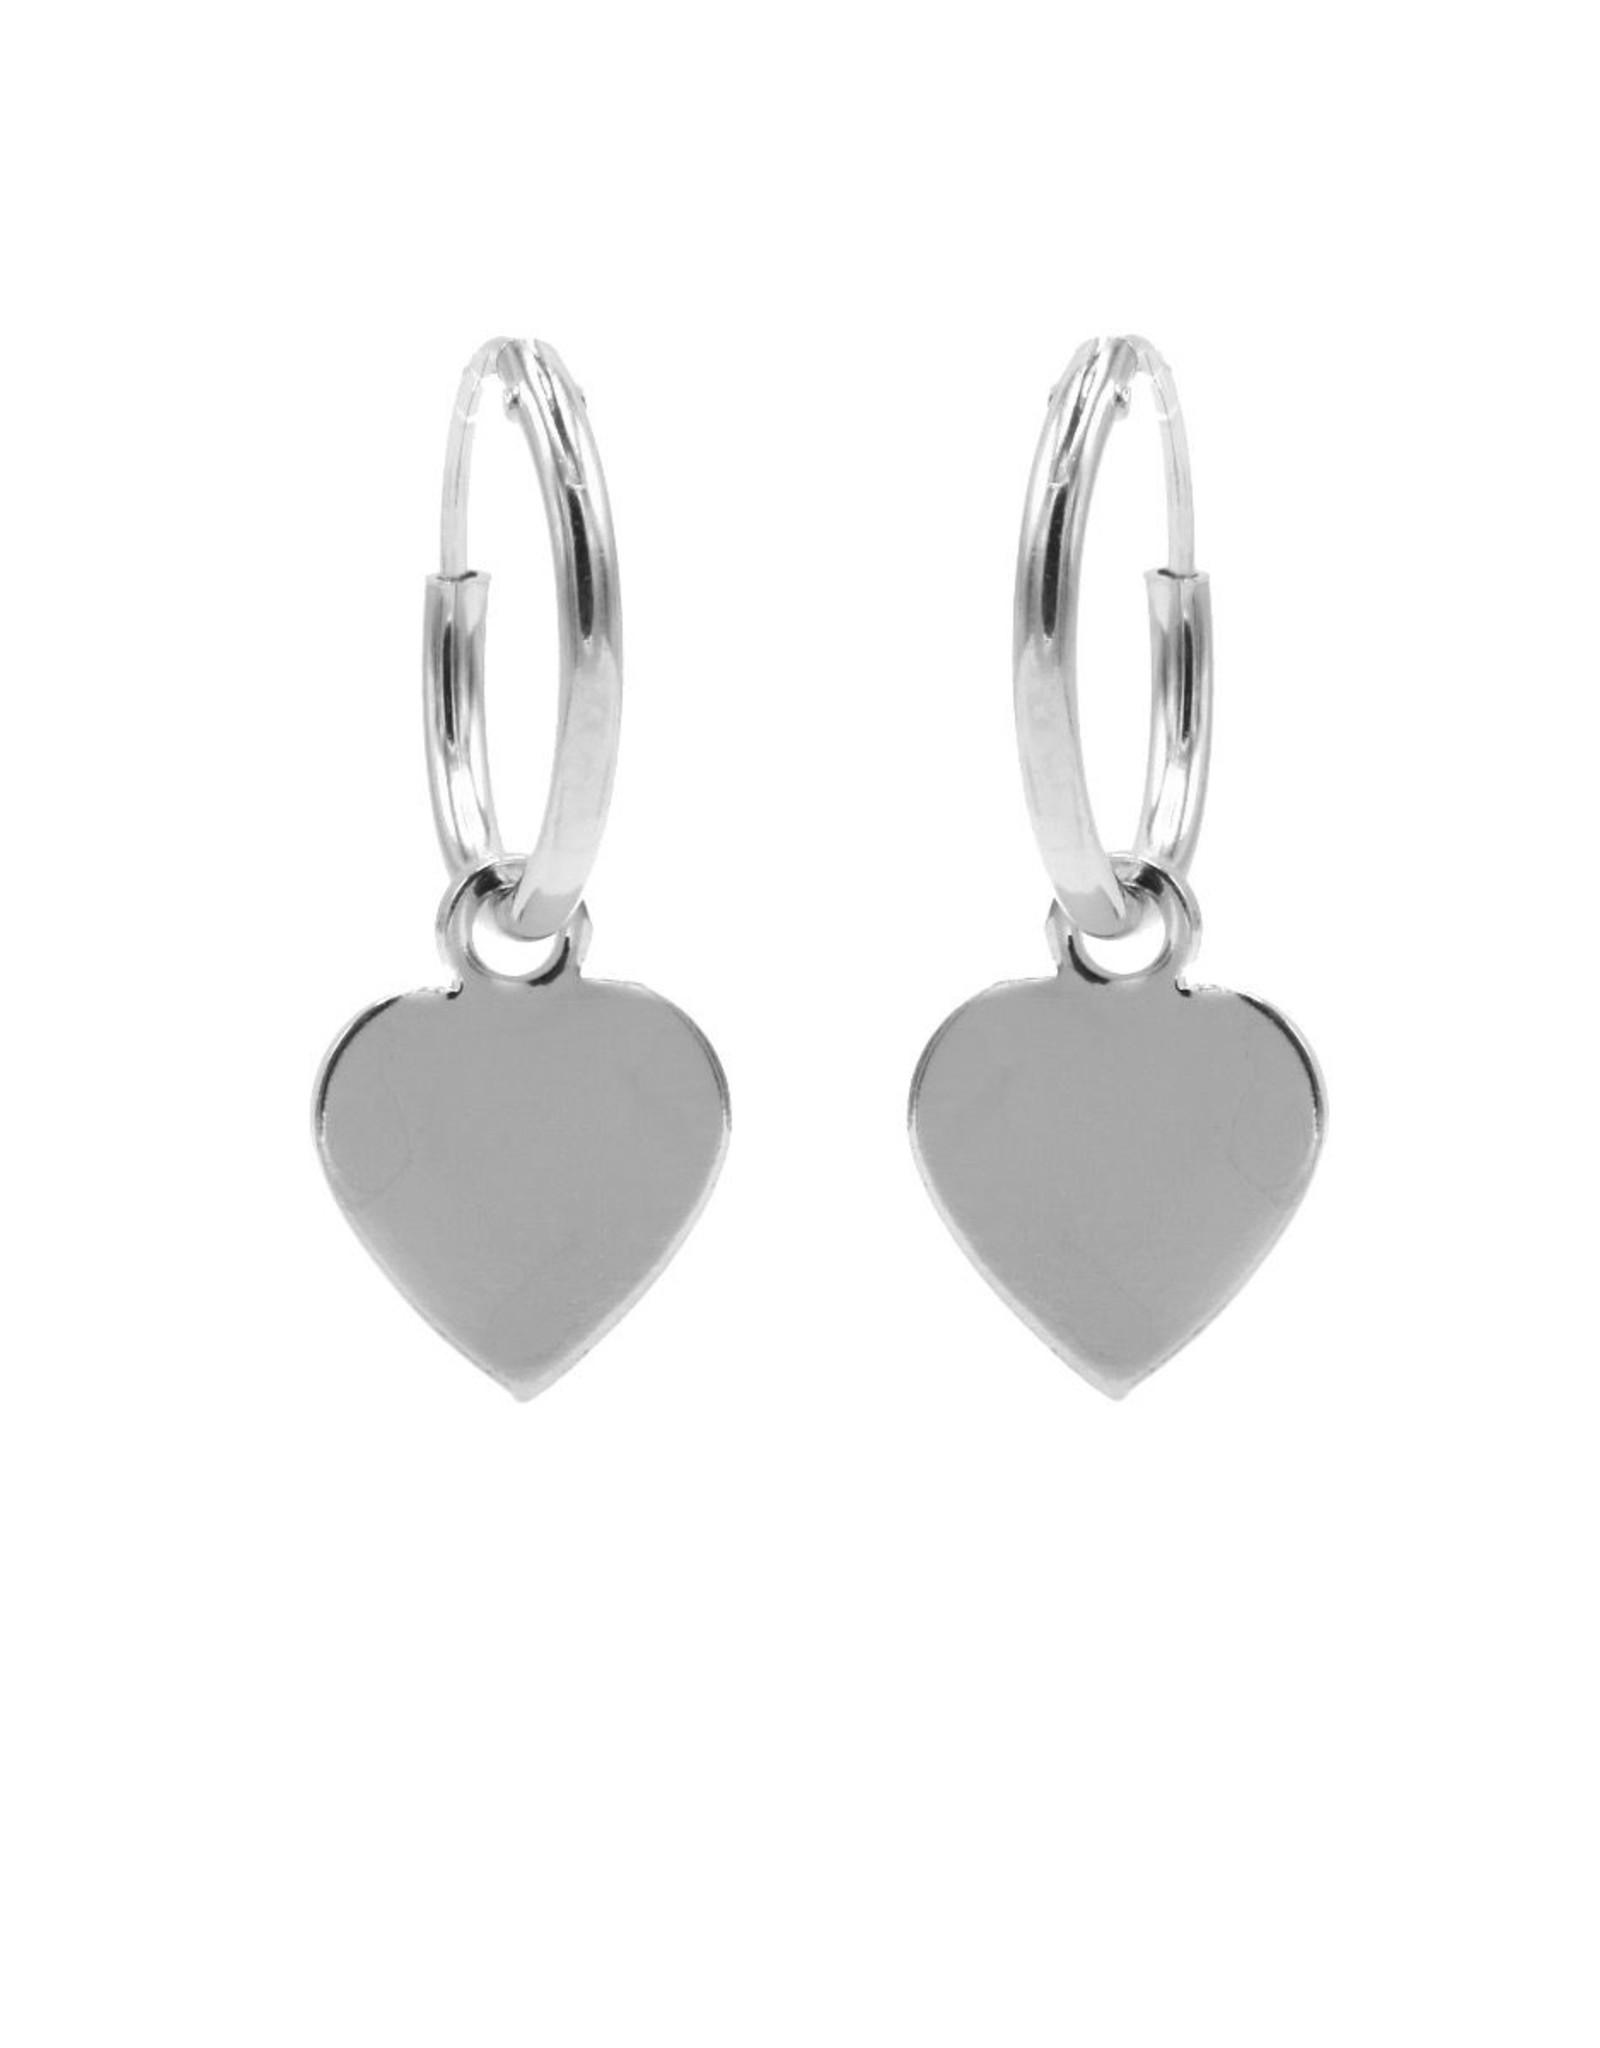 Karma Hoops Symbols Heart Silver Set